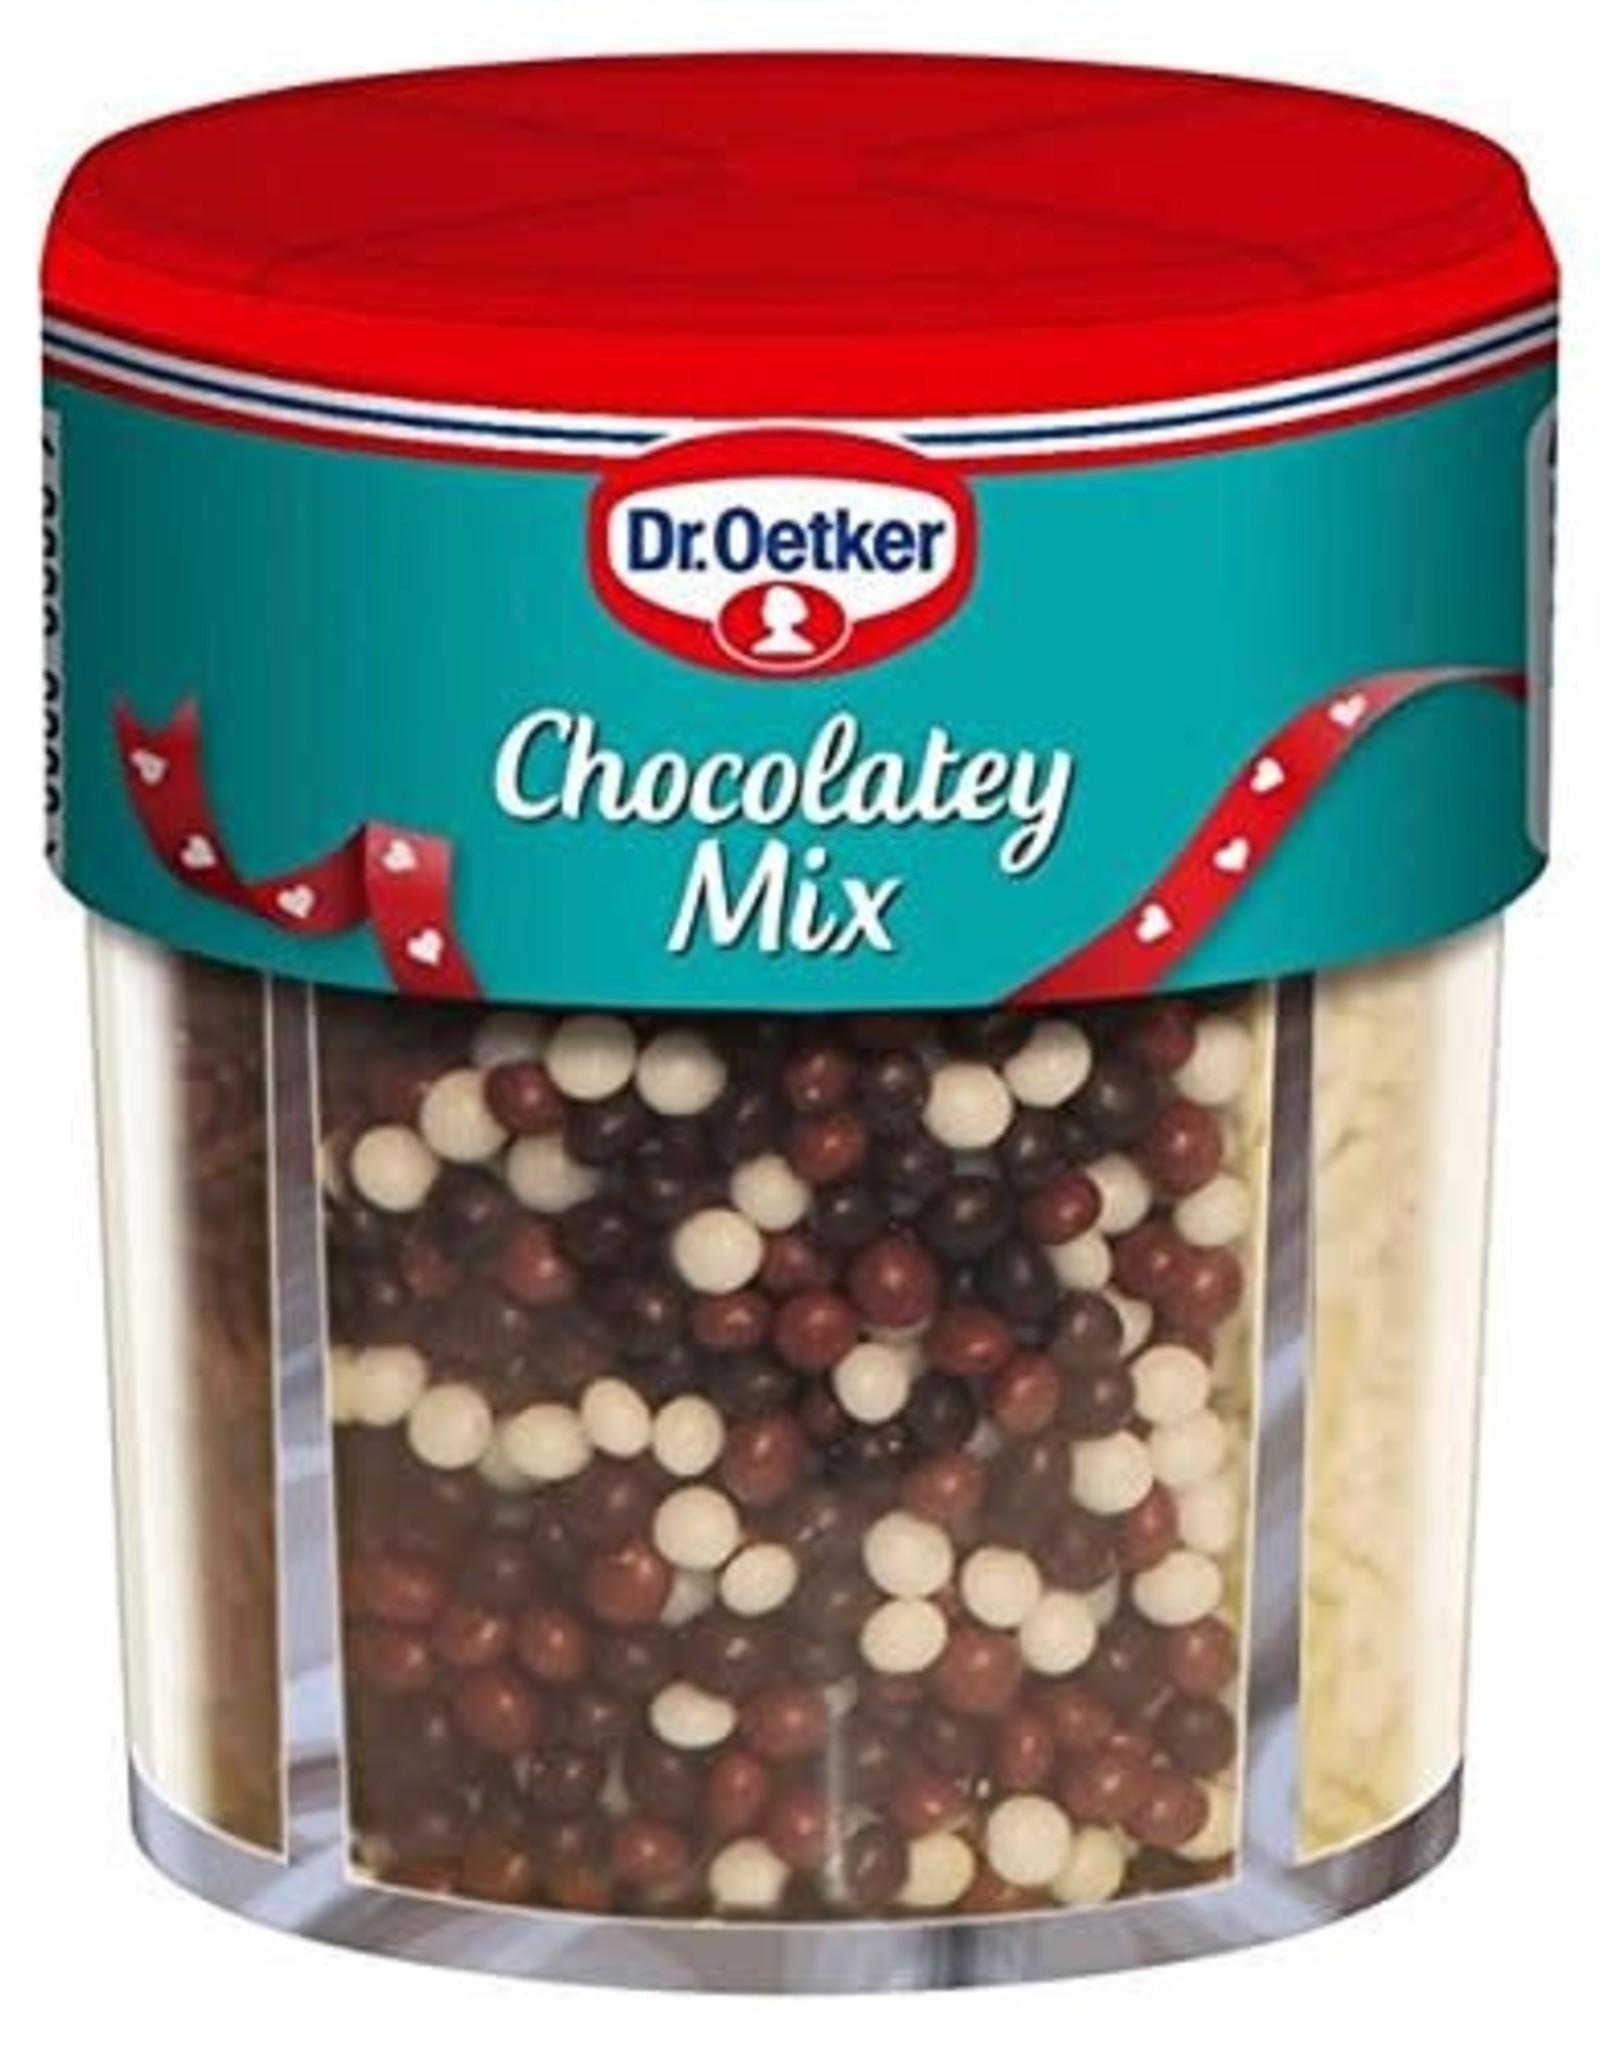 Dr Oetker Dr Oetker Chocolatey Mix 76 g